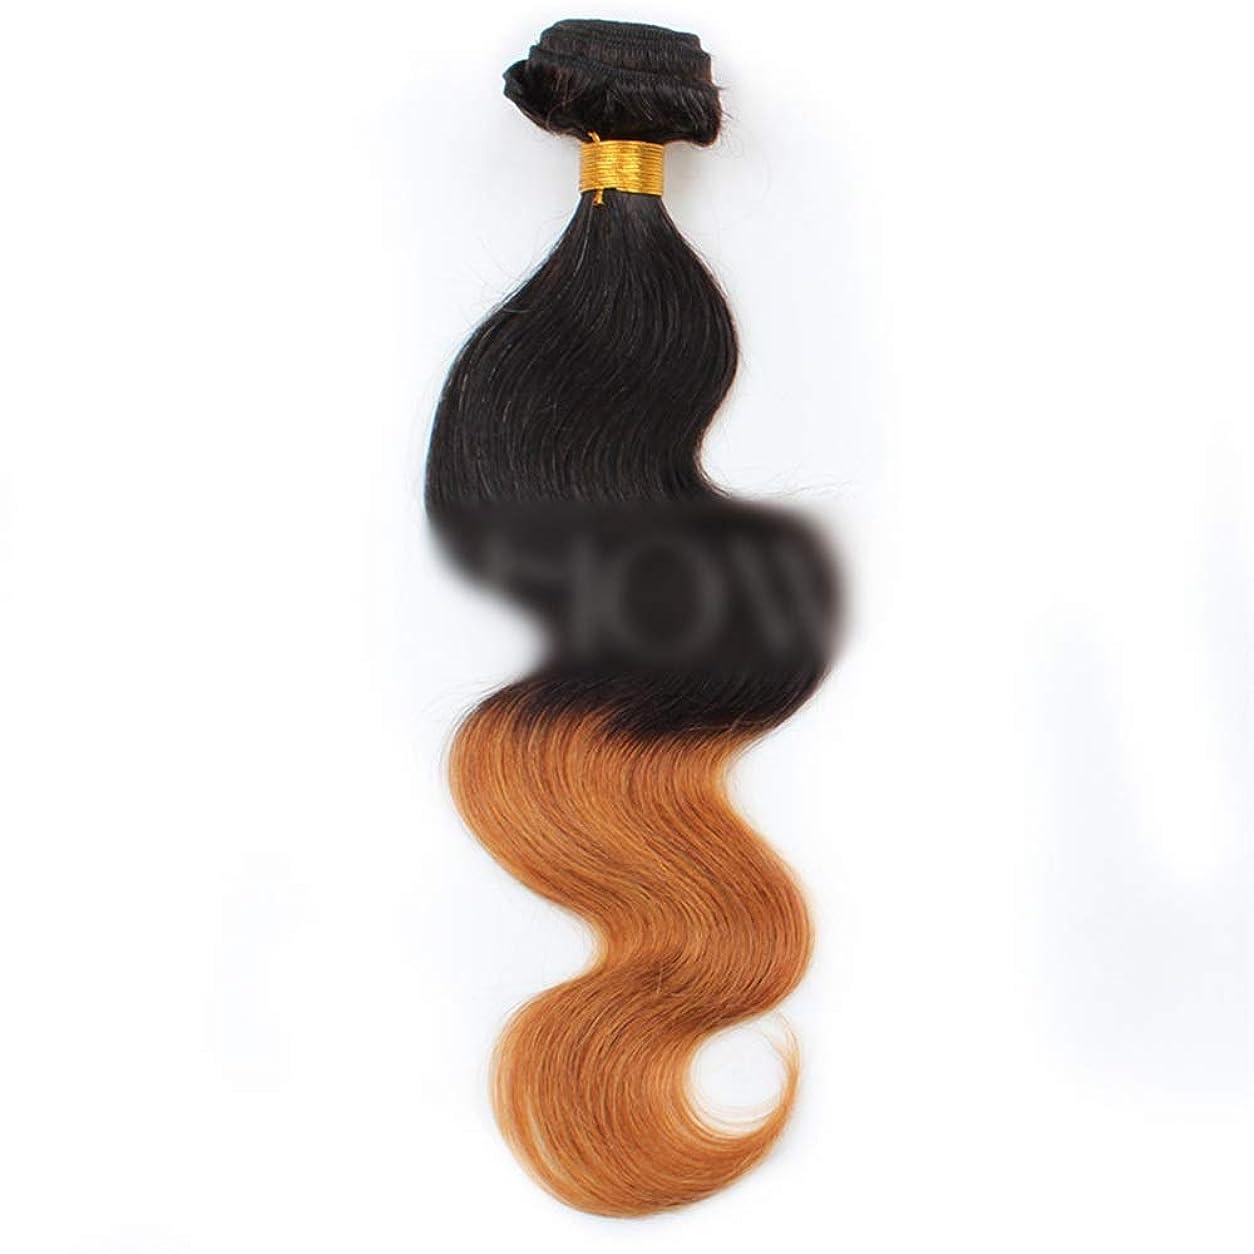 オーガニック落とし穴大砲YESONEEP ブラジルの人間の髪の毛のボディ織り方ヘアエクステンション-1B / 30#黒から茶色へのグラデーショングラデーションカラー髪の織り方1バンドル、100g合成髪レースかつらロールプレイングかつら長くて短い女性自然 (色 : ブラウン, サイズ : 22 inch)